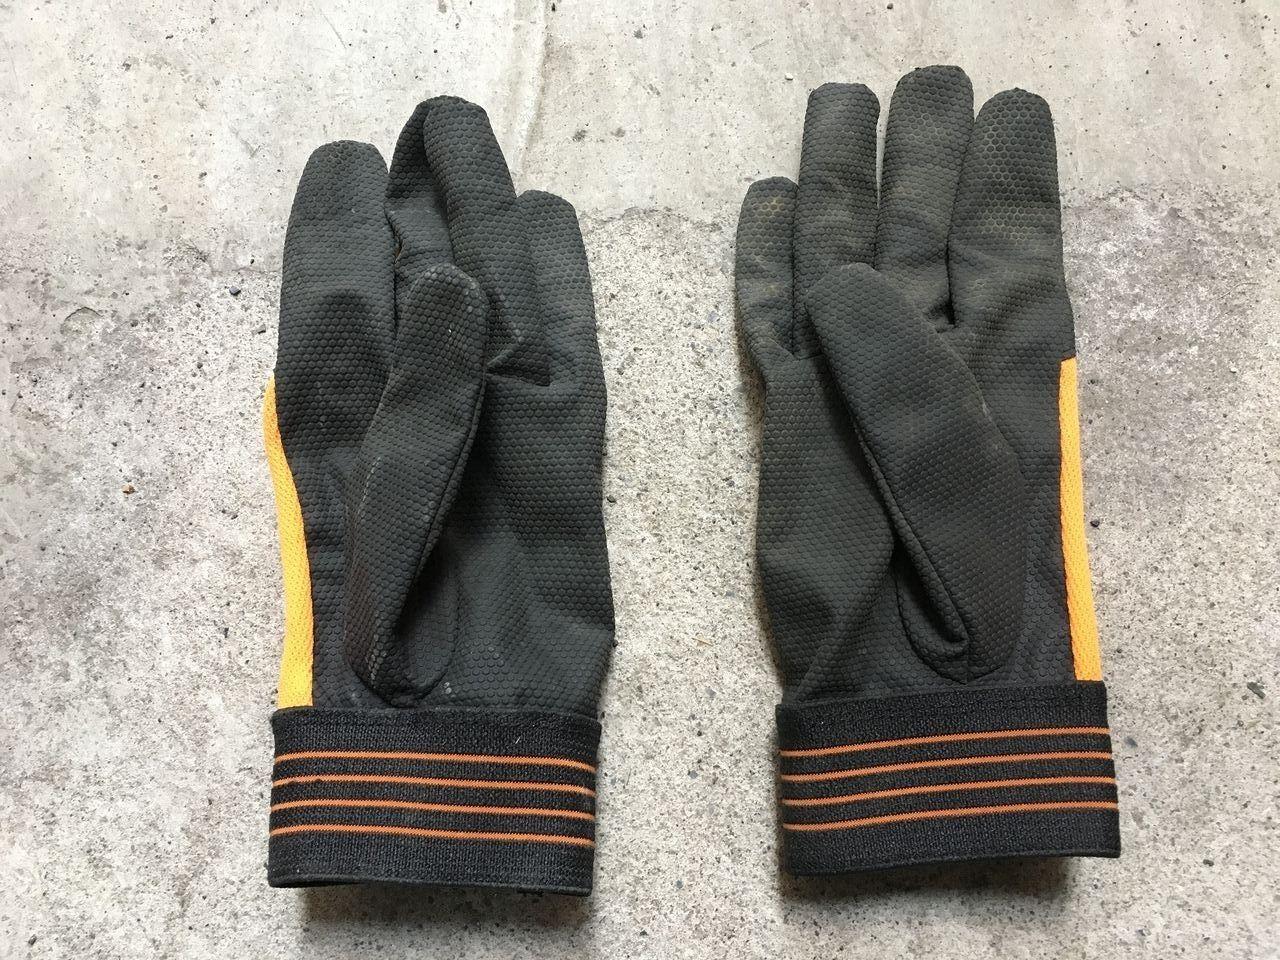 ワークマンの薄手の皮手袋(掌側)です!!